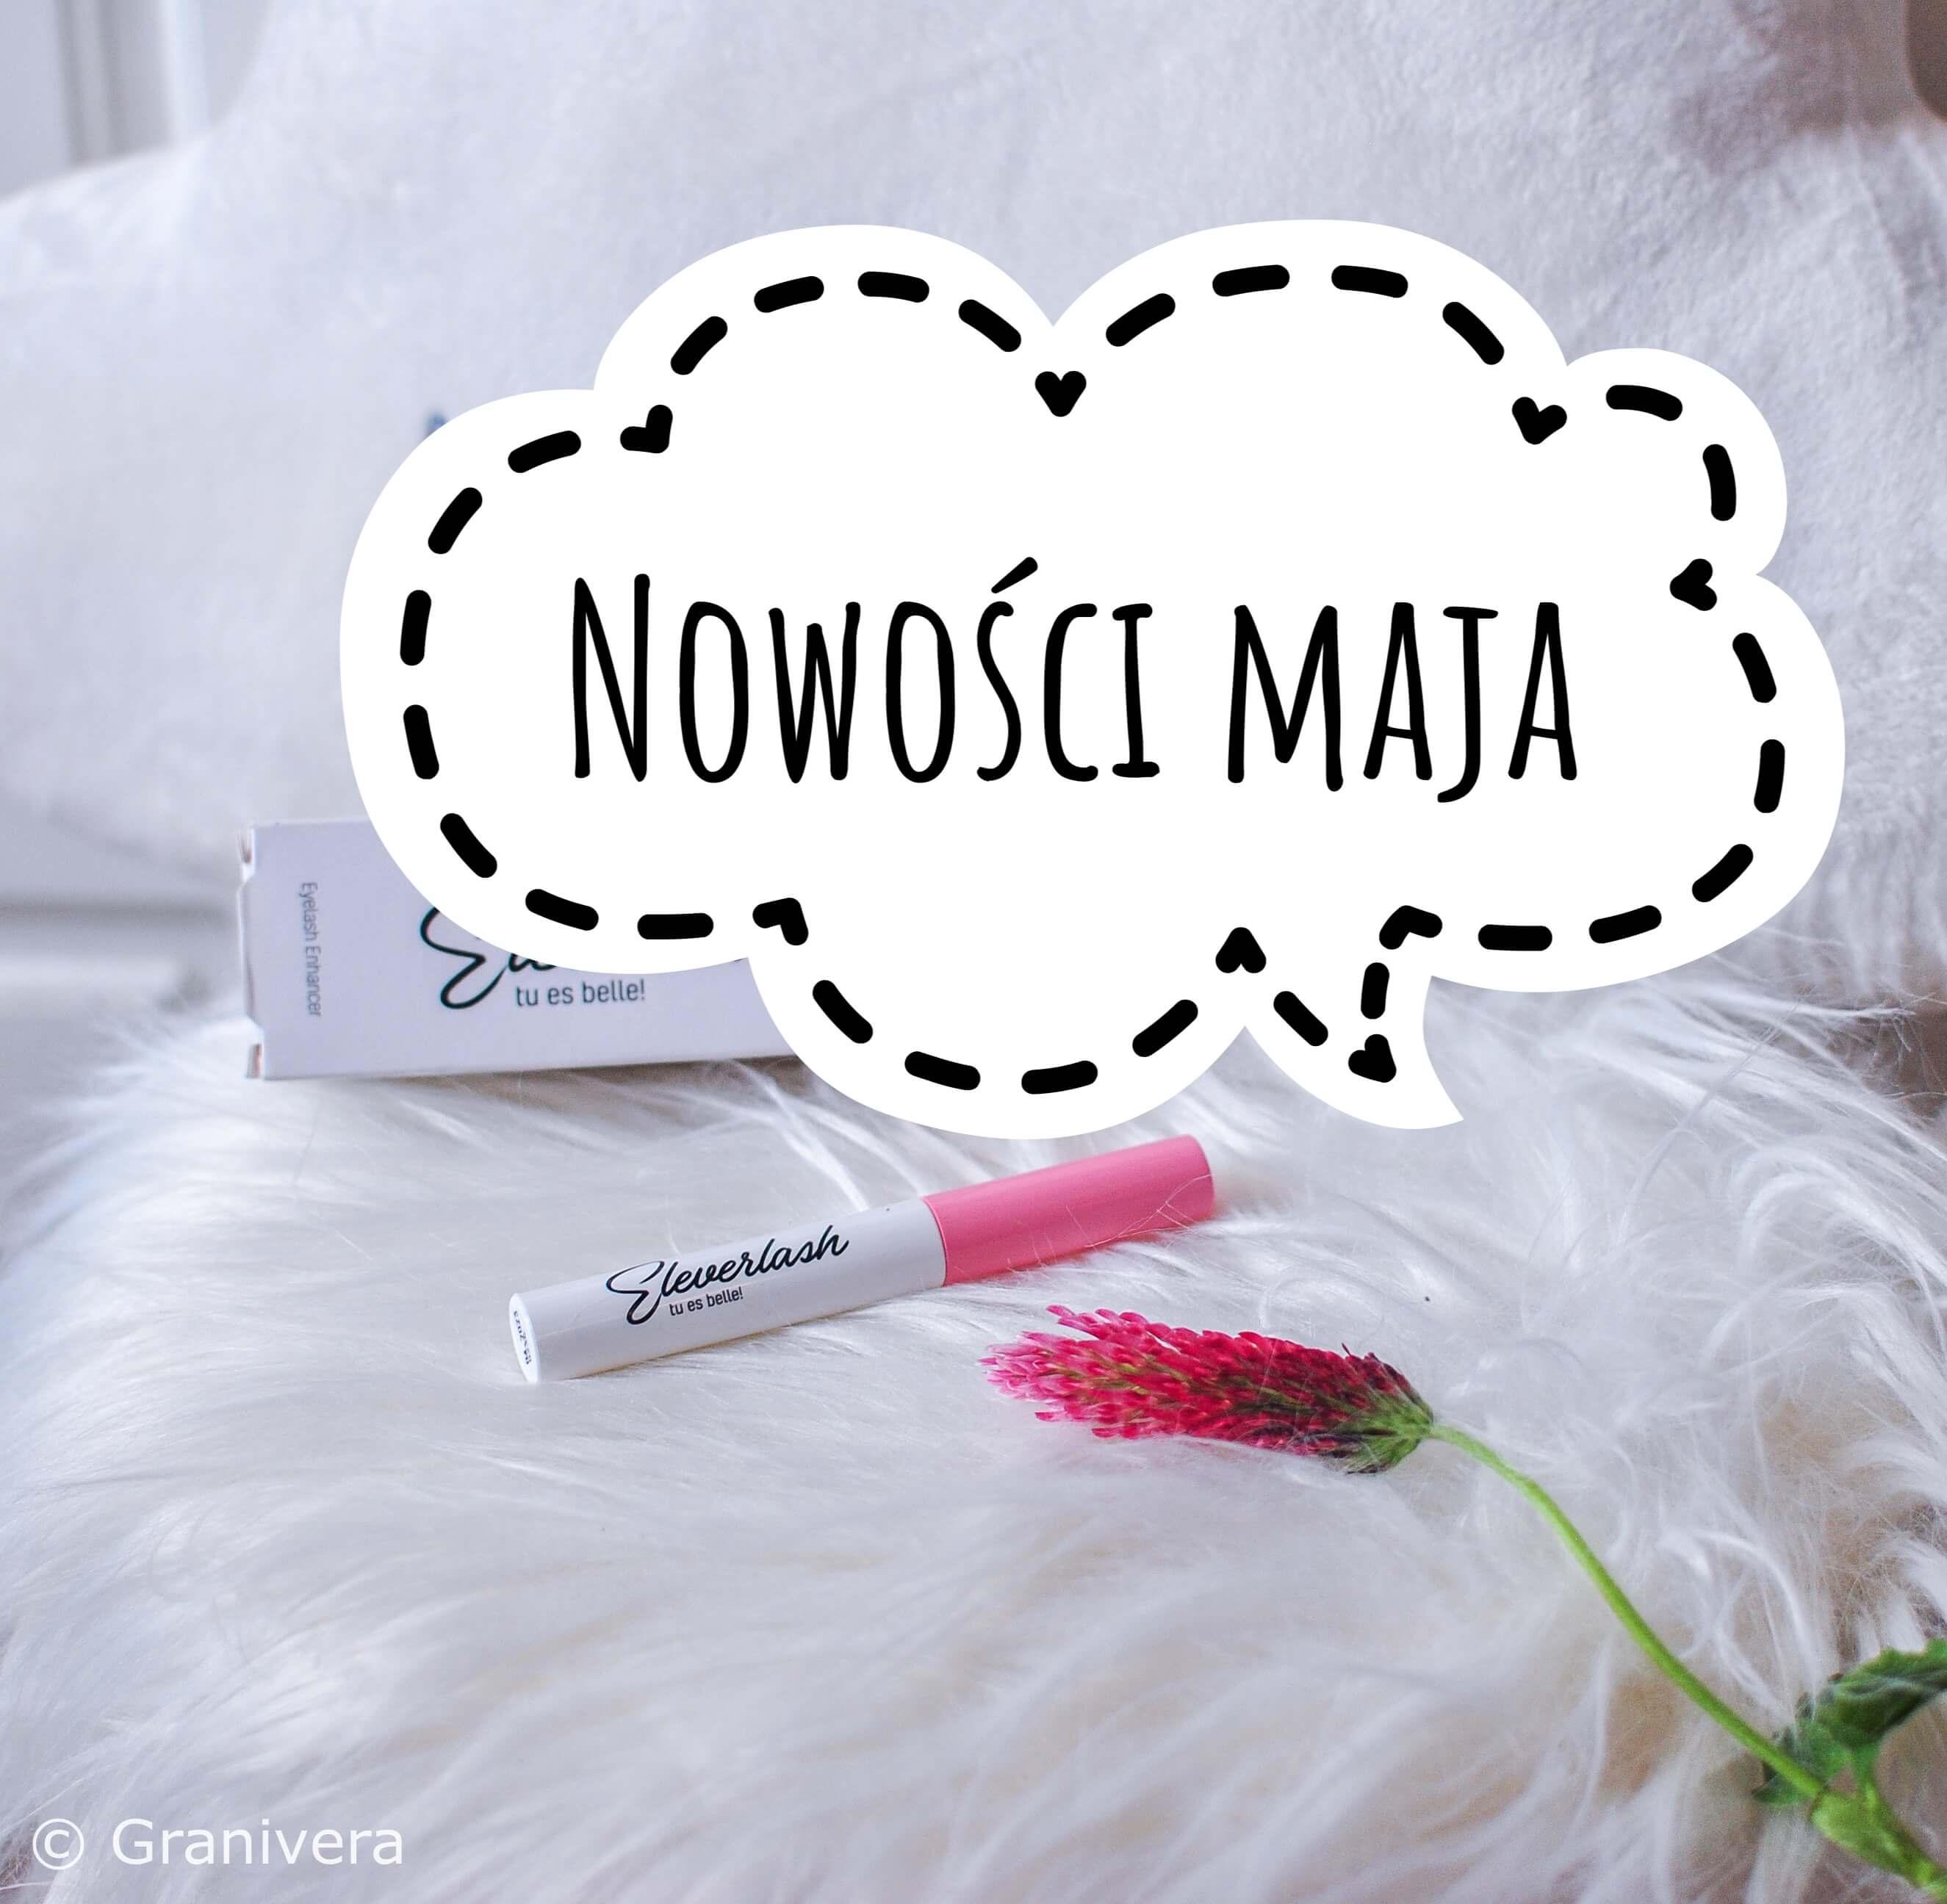 Kosmetyczne podsumowanie maja - nowości Pixi, Eveline, Nacomi, lookfantastic, alpecin, good molecules